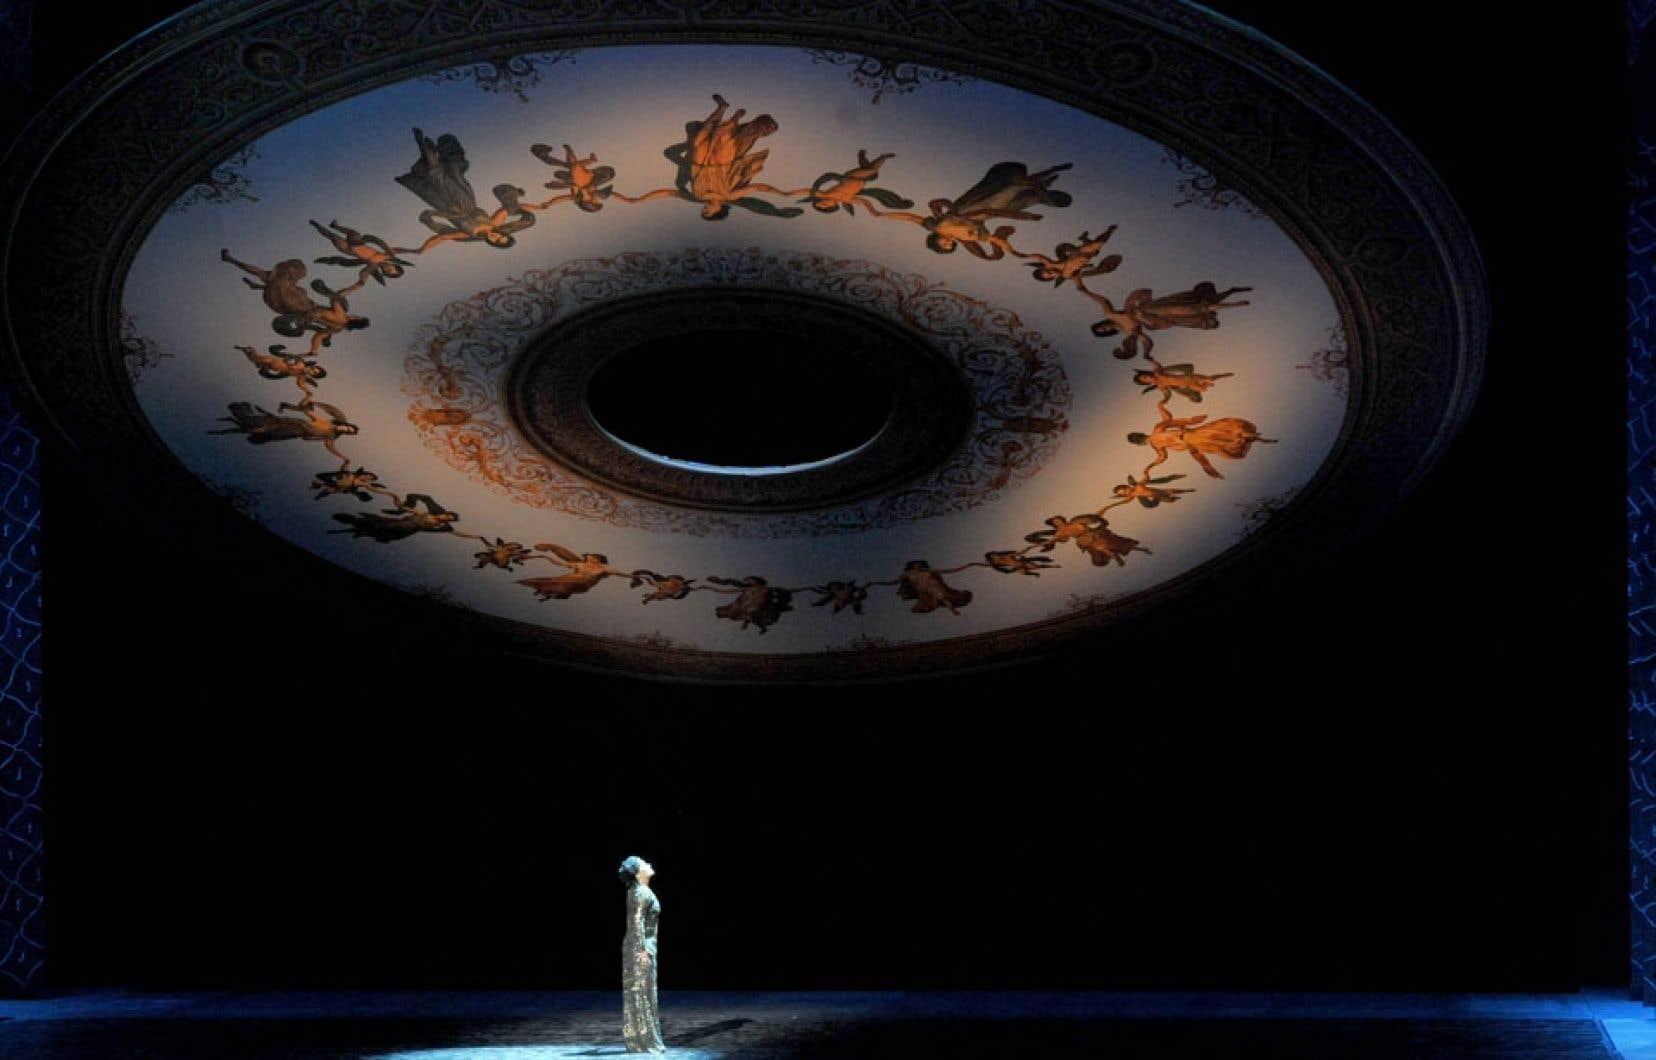 La chanteuse Anna Netrebko était de la distribution d'Iolanta de Tchaïkovski, un opéra qui a été présenté dans le cadre de l'ouverture du nouveau théâtre Mariinsky.